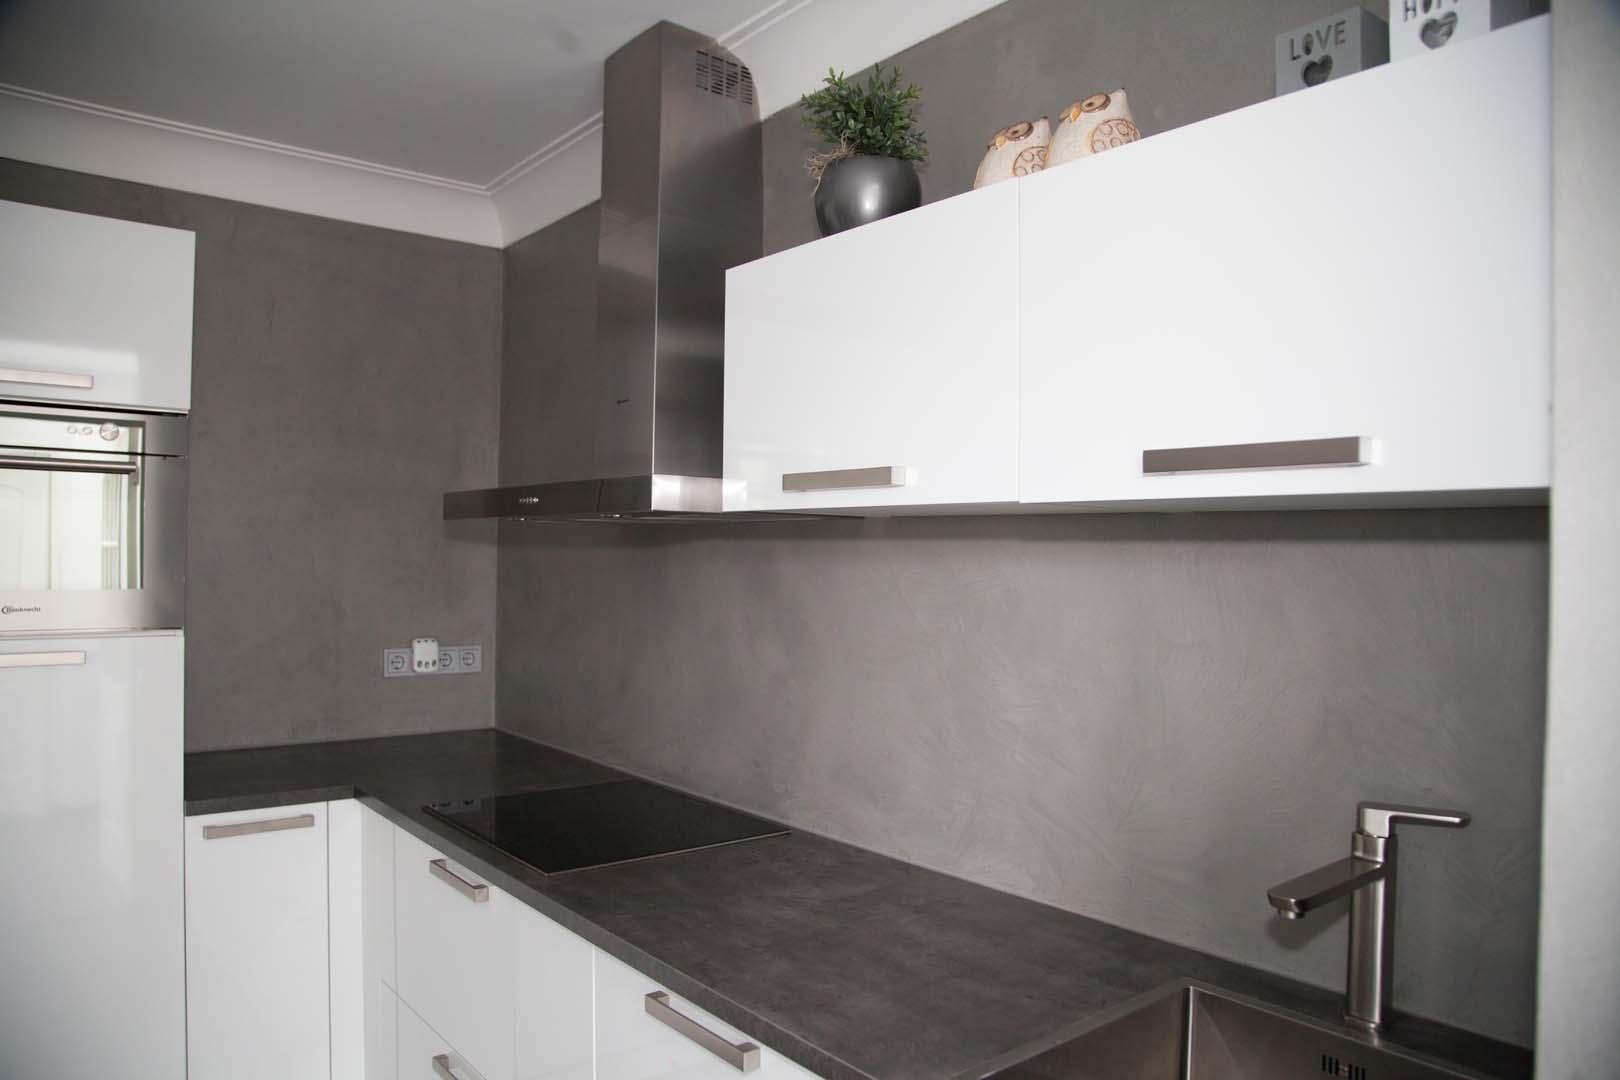 Van der looy achterwand keuken in betonlook - Eilandjes van keuken ...